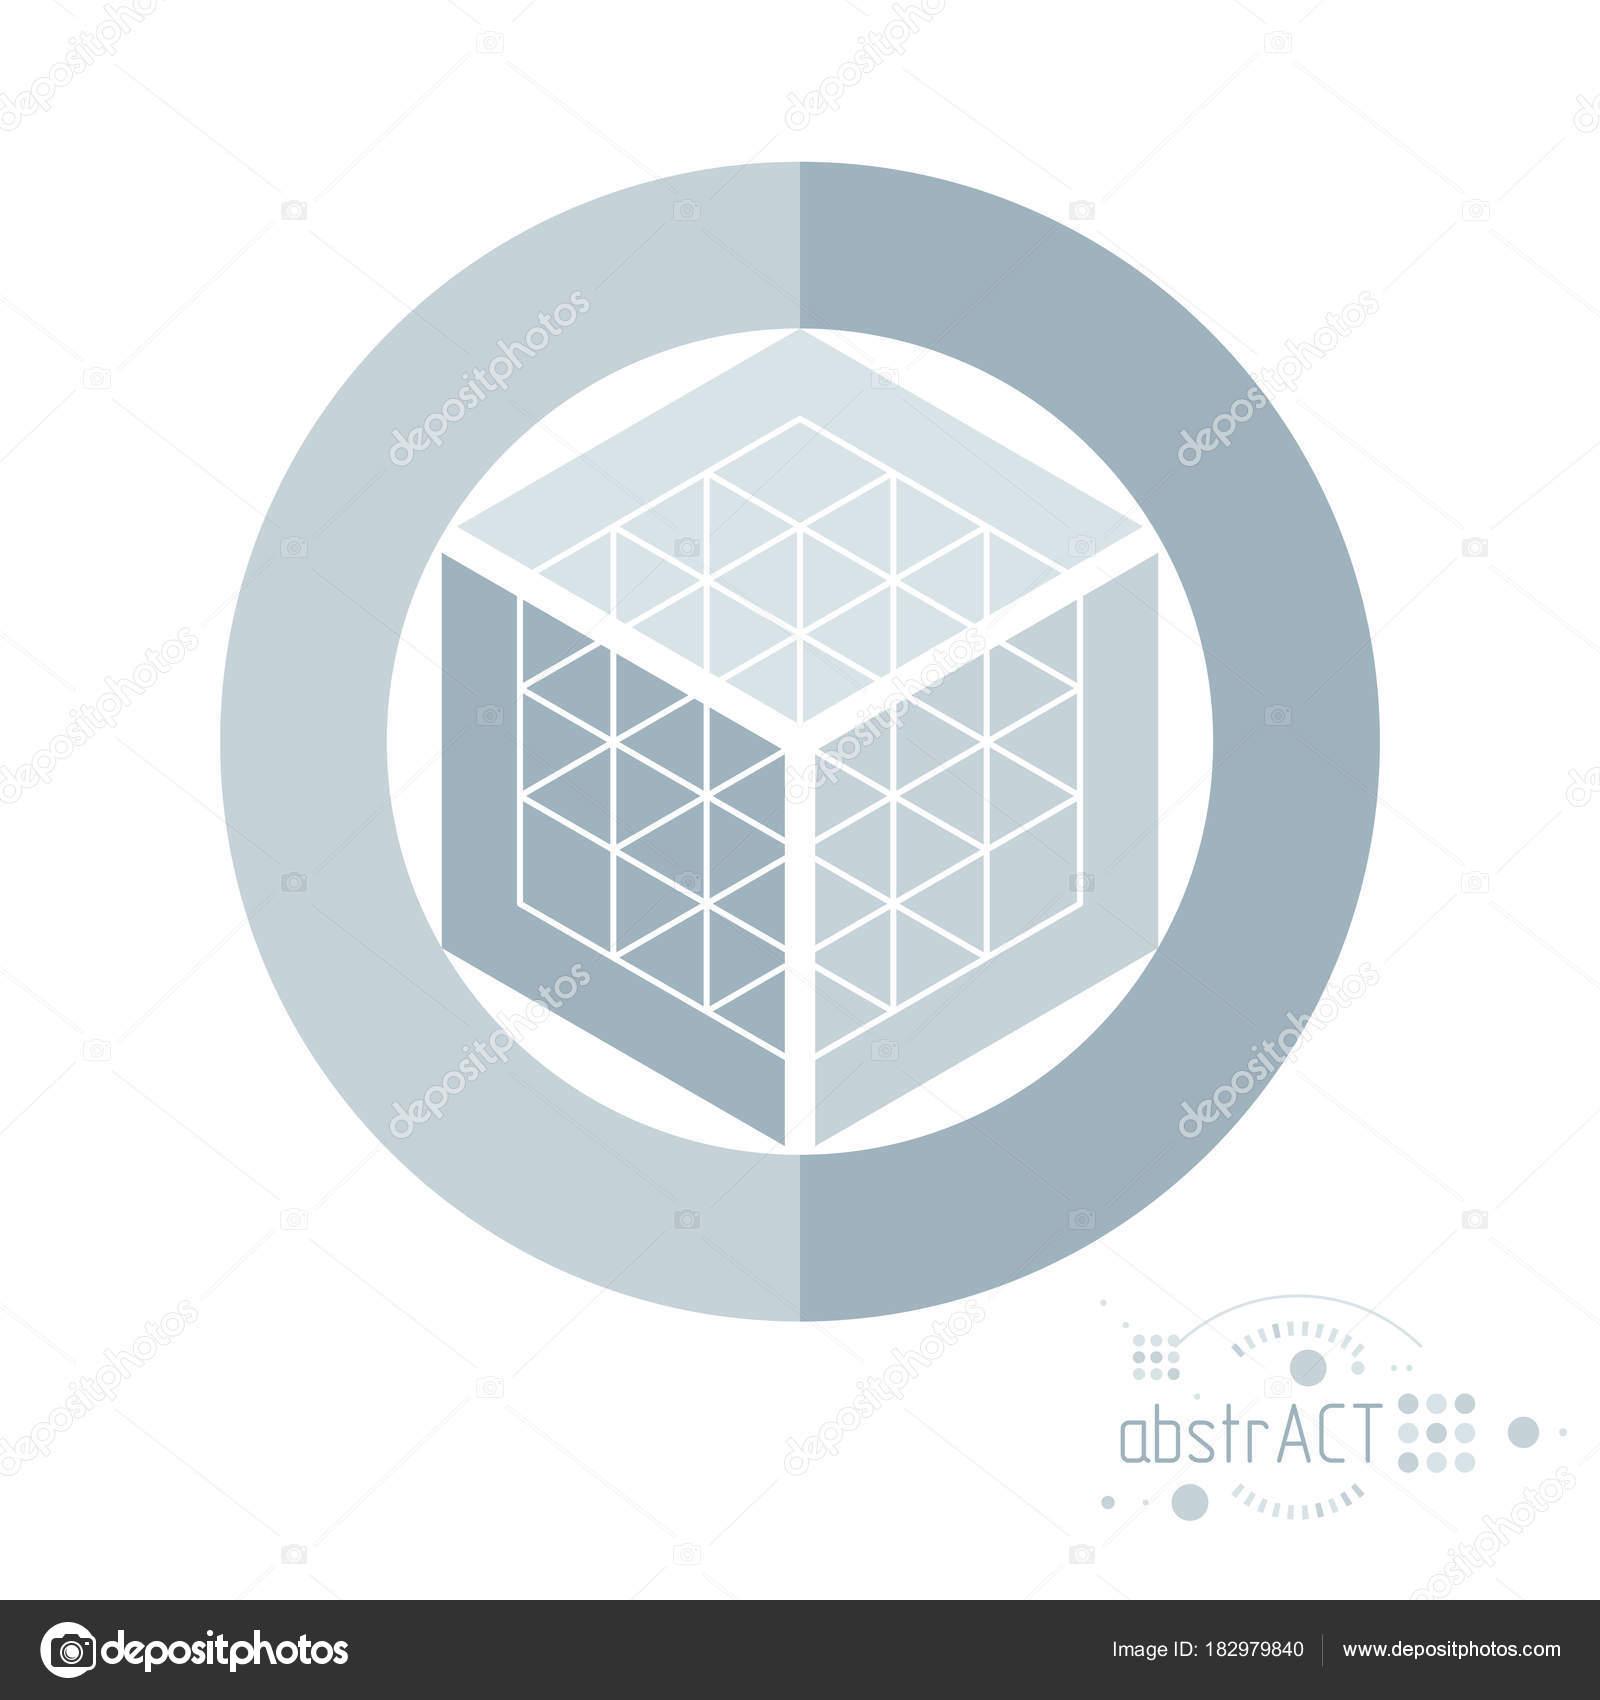 Vectores Modernos Artístico Gráfico Composición Geométrica Puede ...